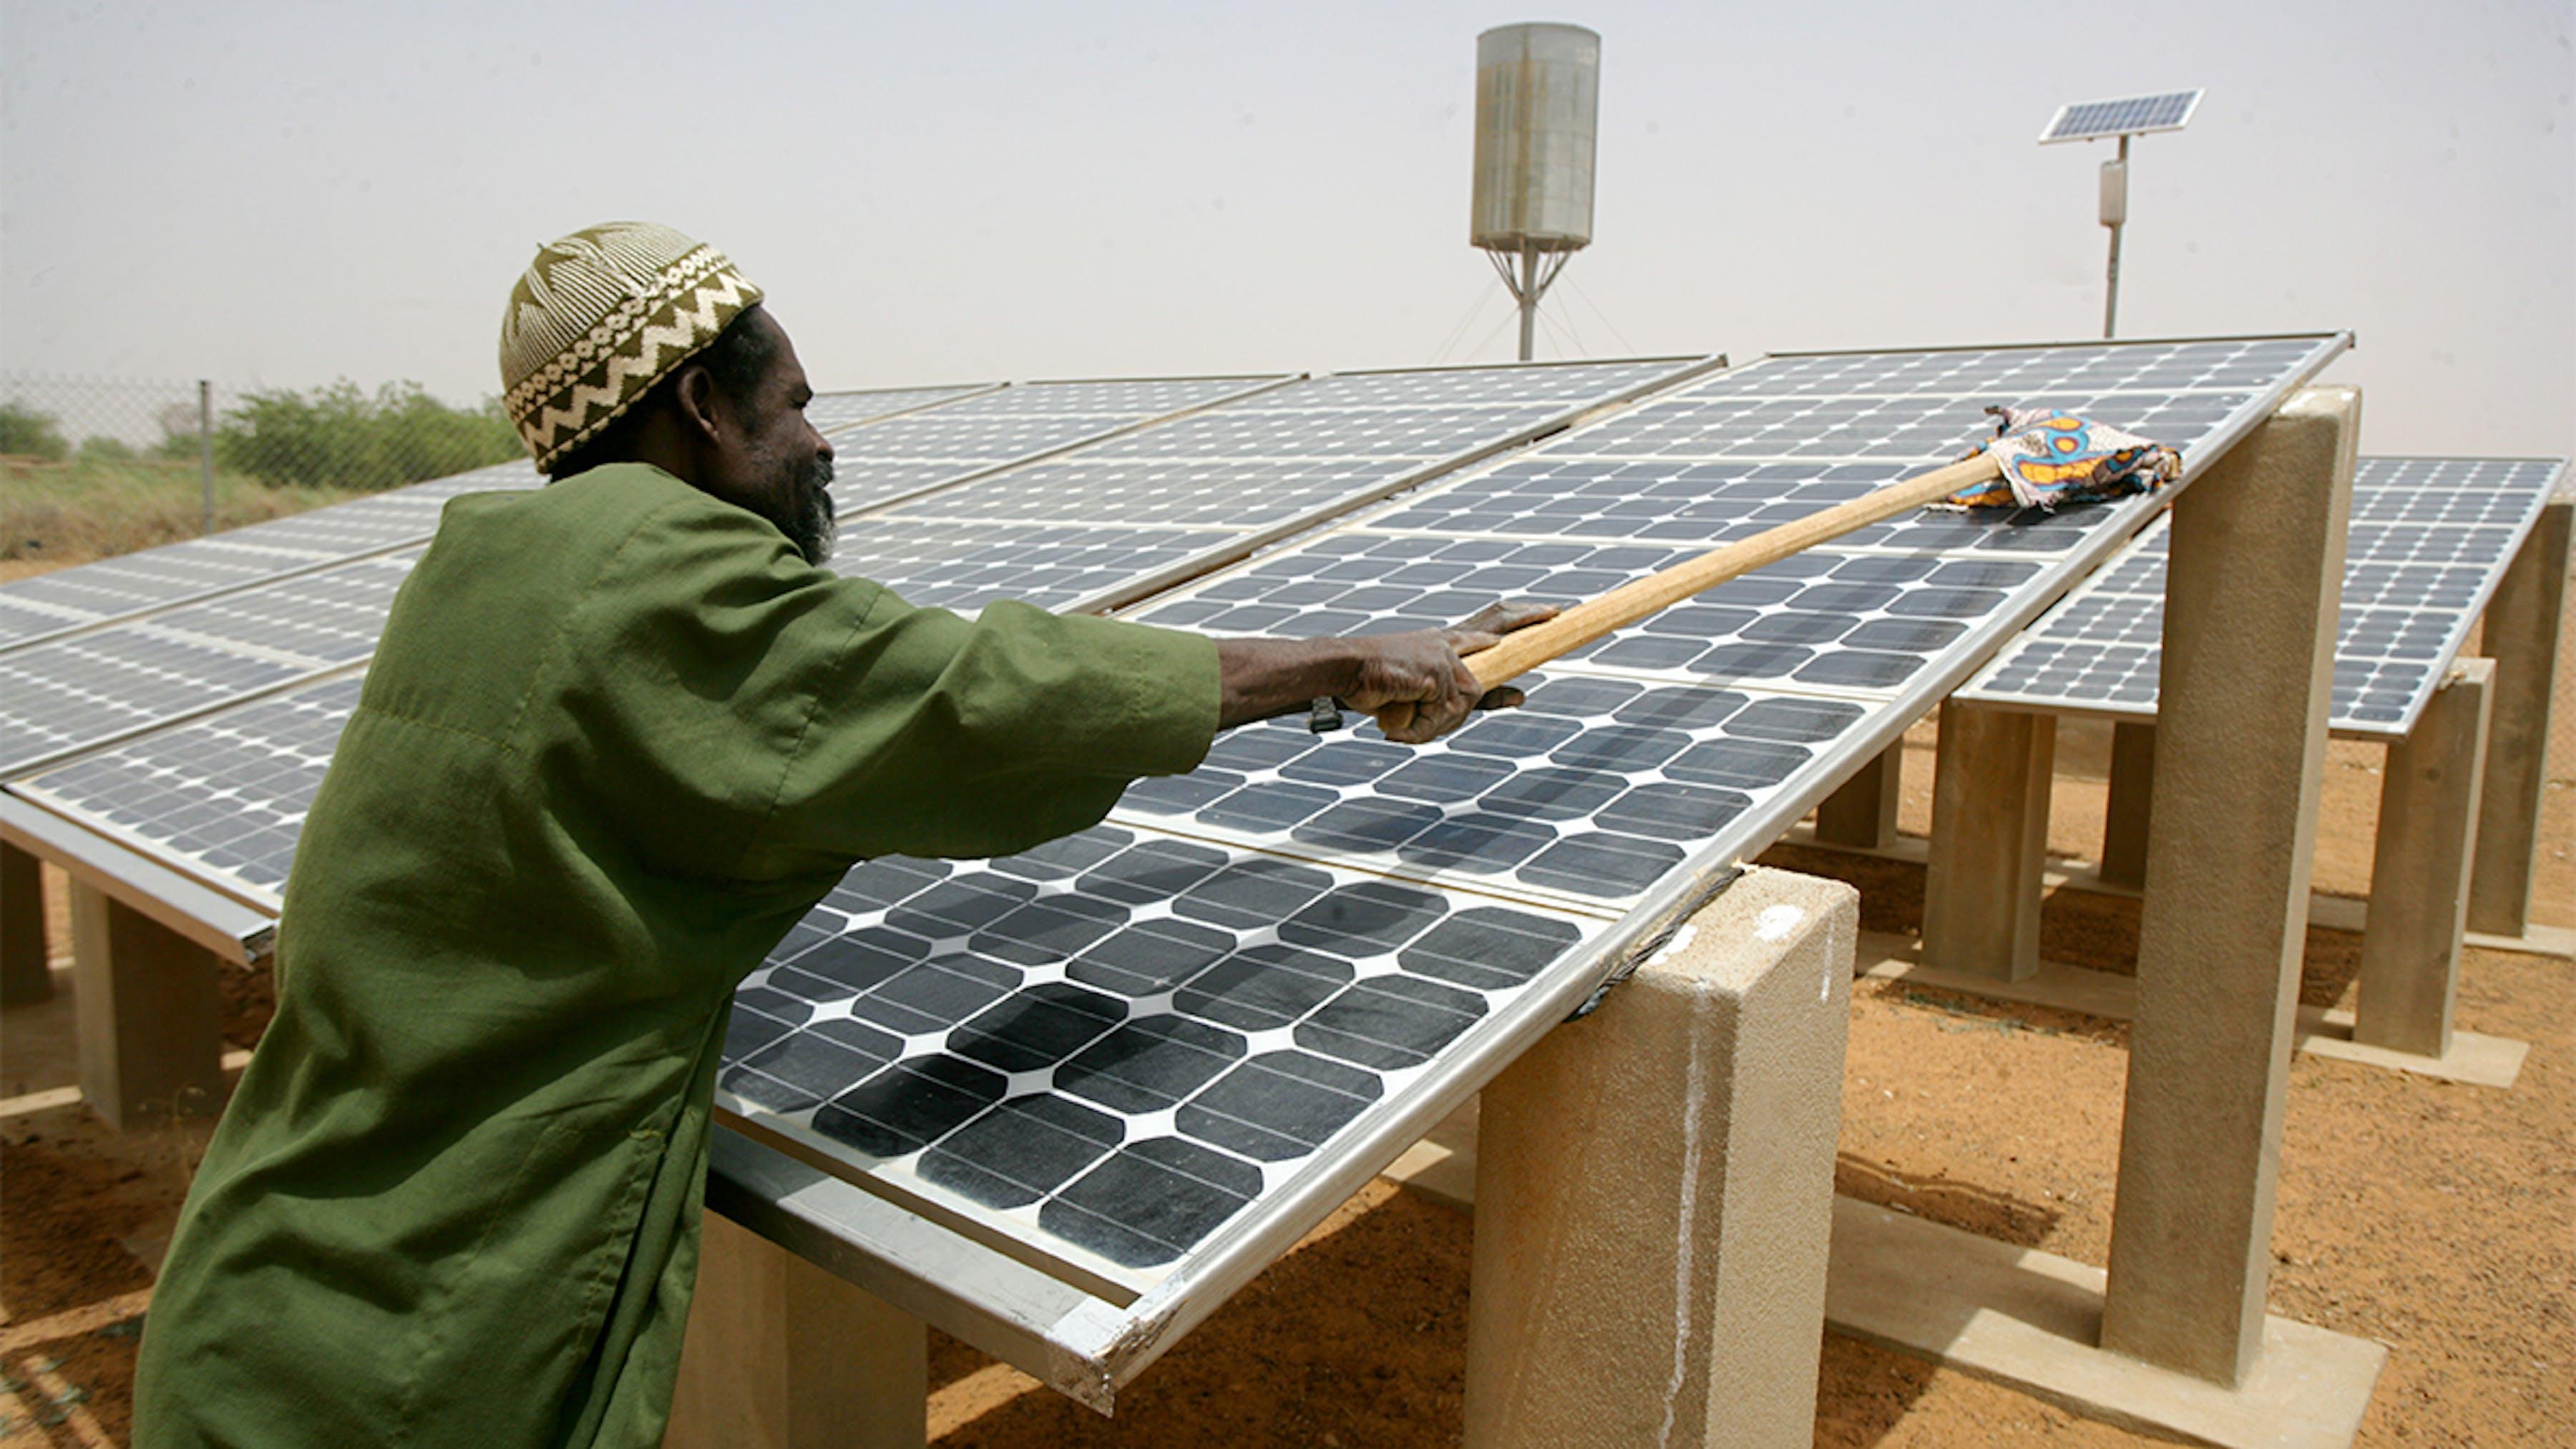 Mali, un uomo pulisce i pannelli solari nel villaggio di Konza Pheul.